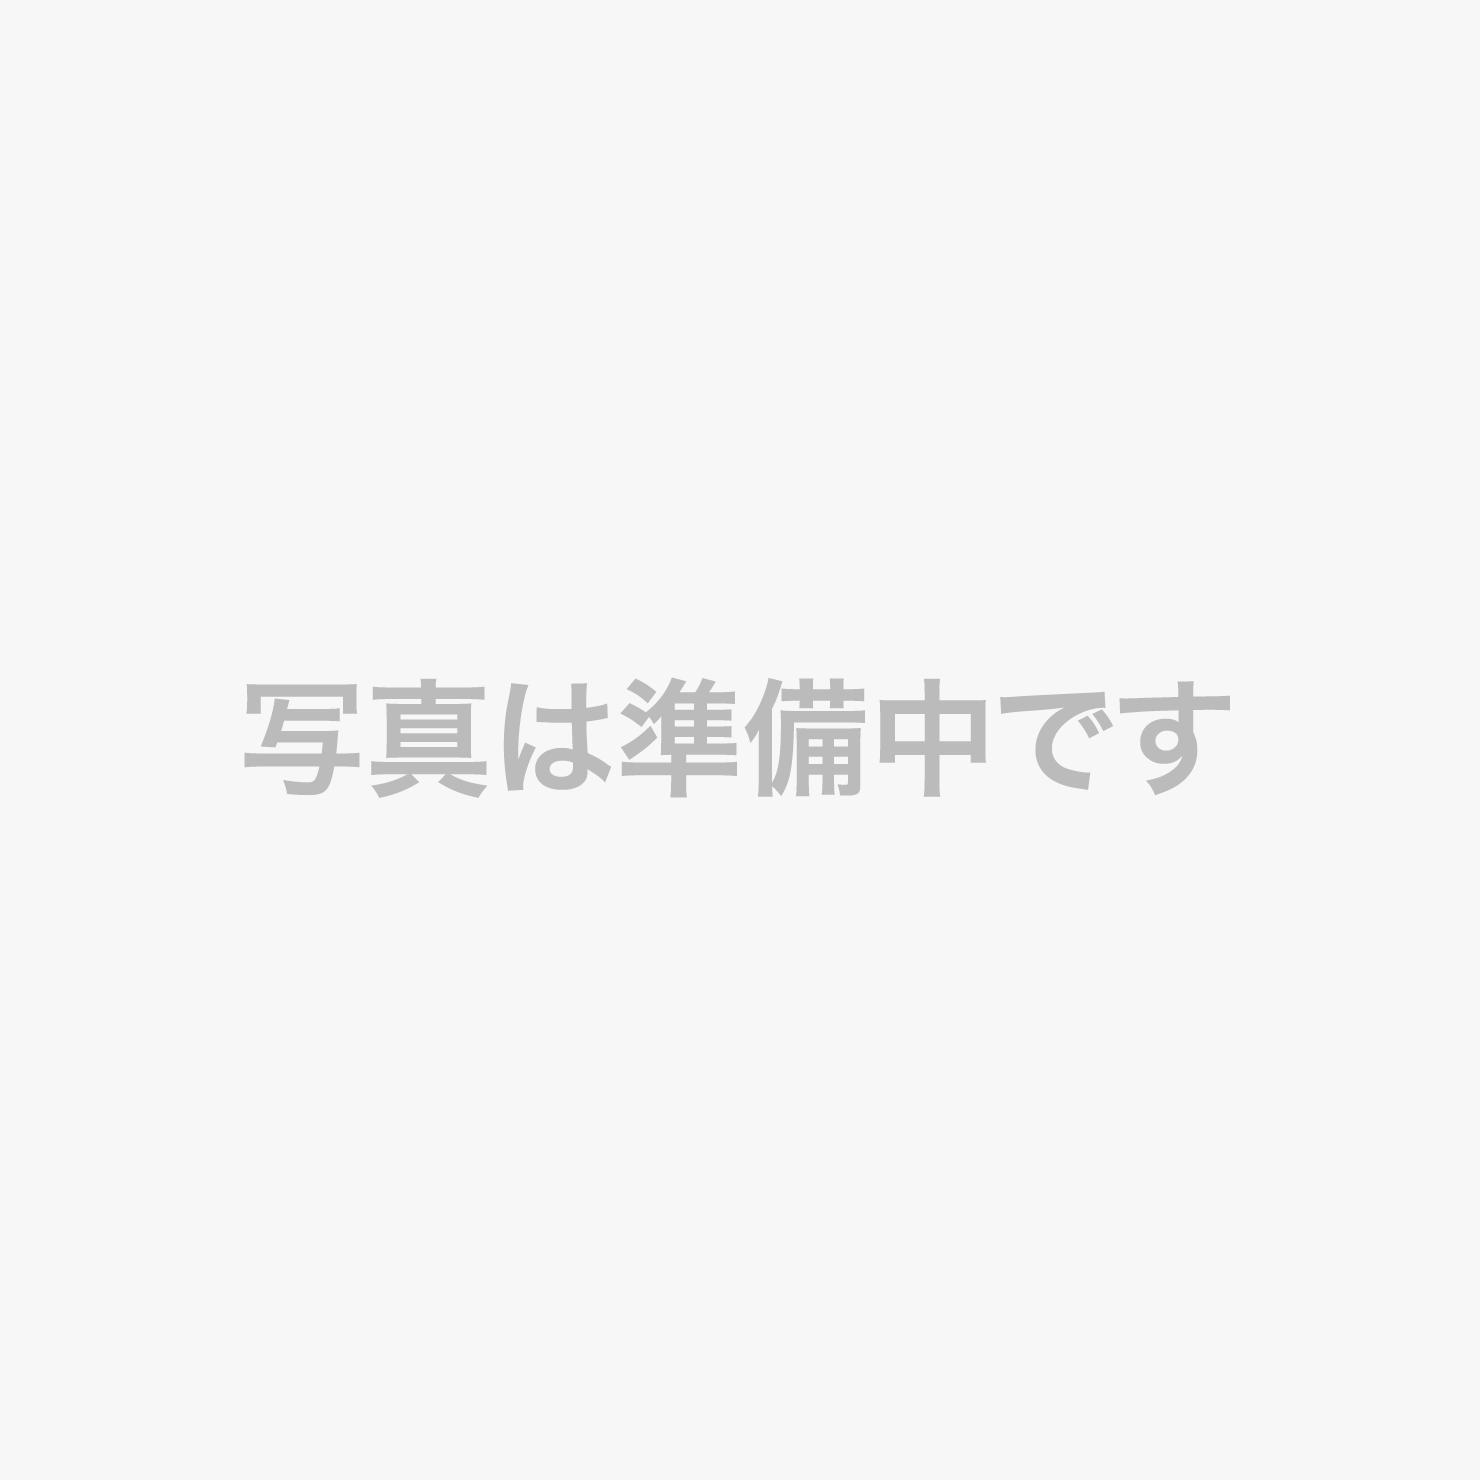 アルメリア独自の打上げ花火&お子様に手持ち花火セットプレゼント!